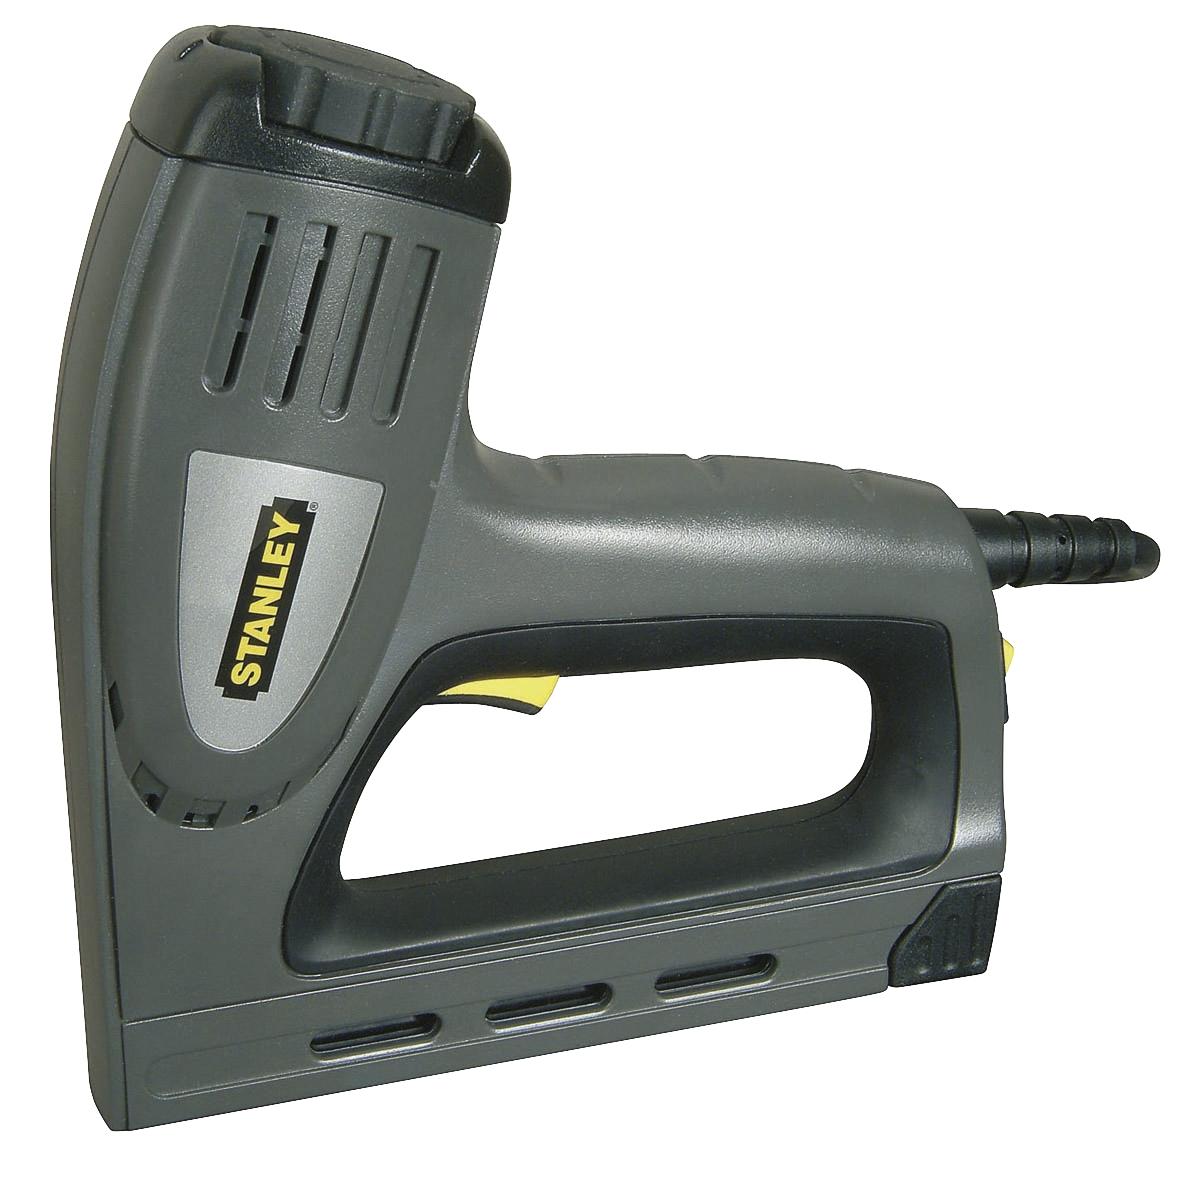 Agrafeuse/cloueuse électrique 6-TRE550 Stanley